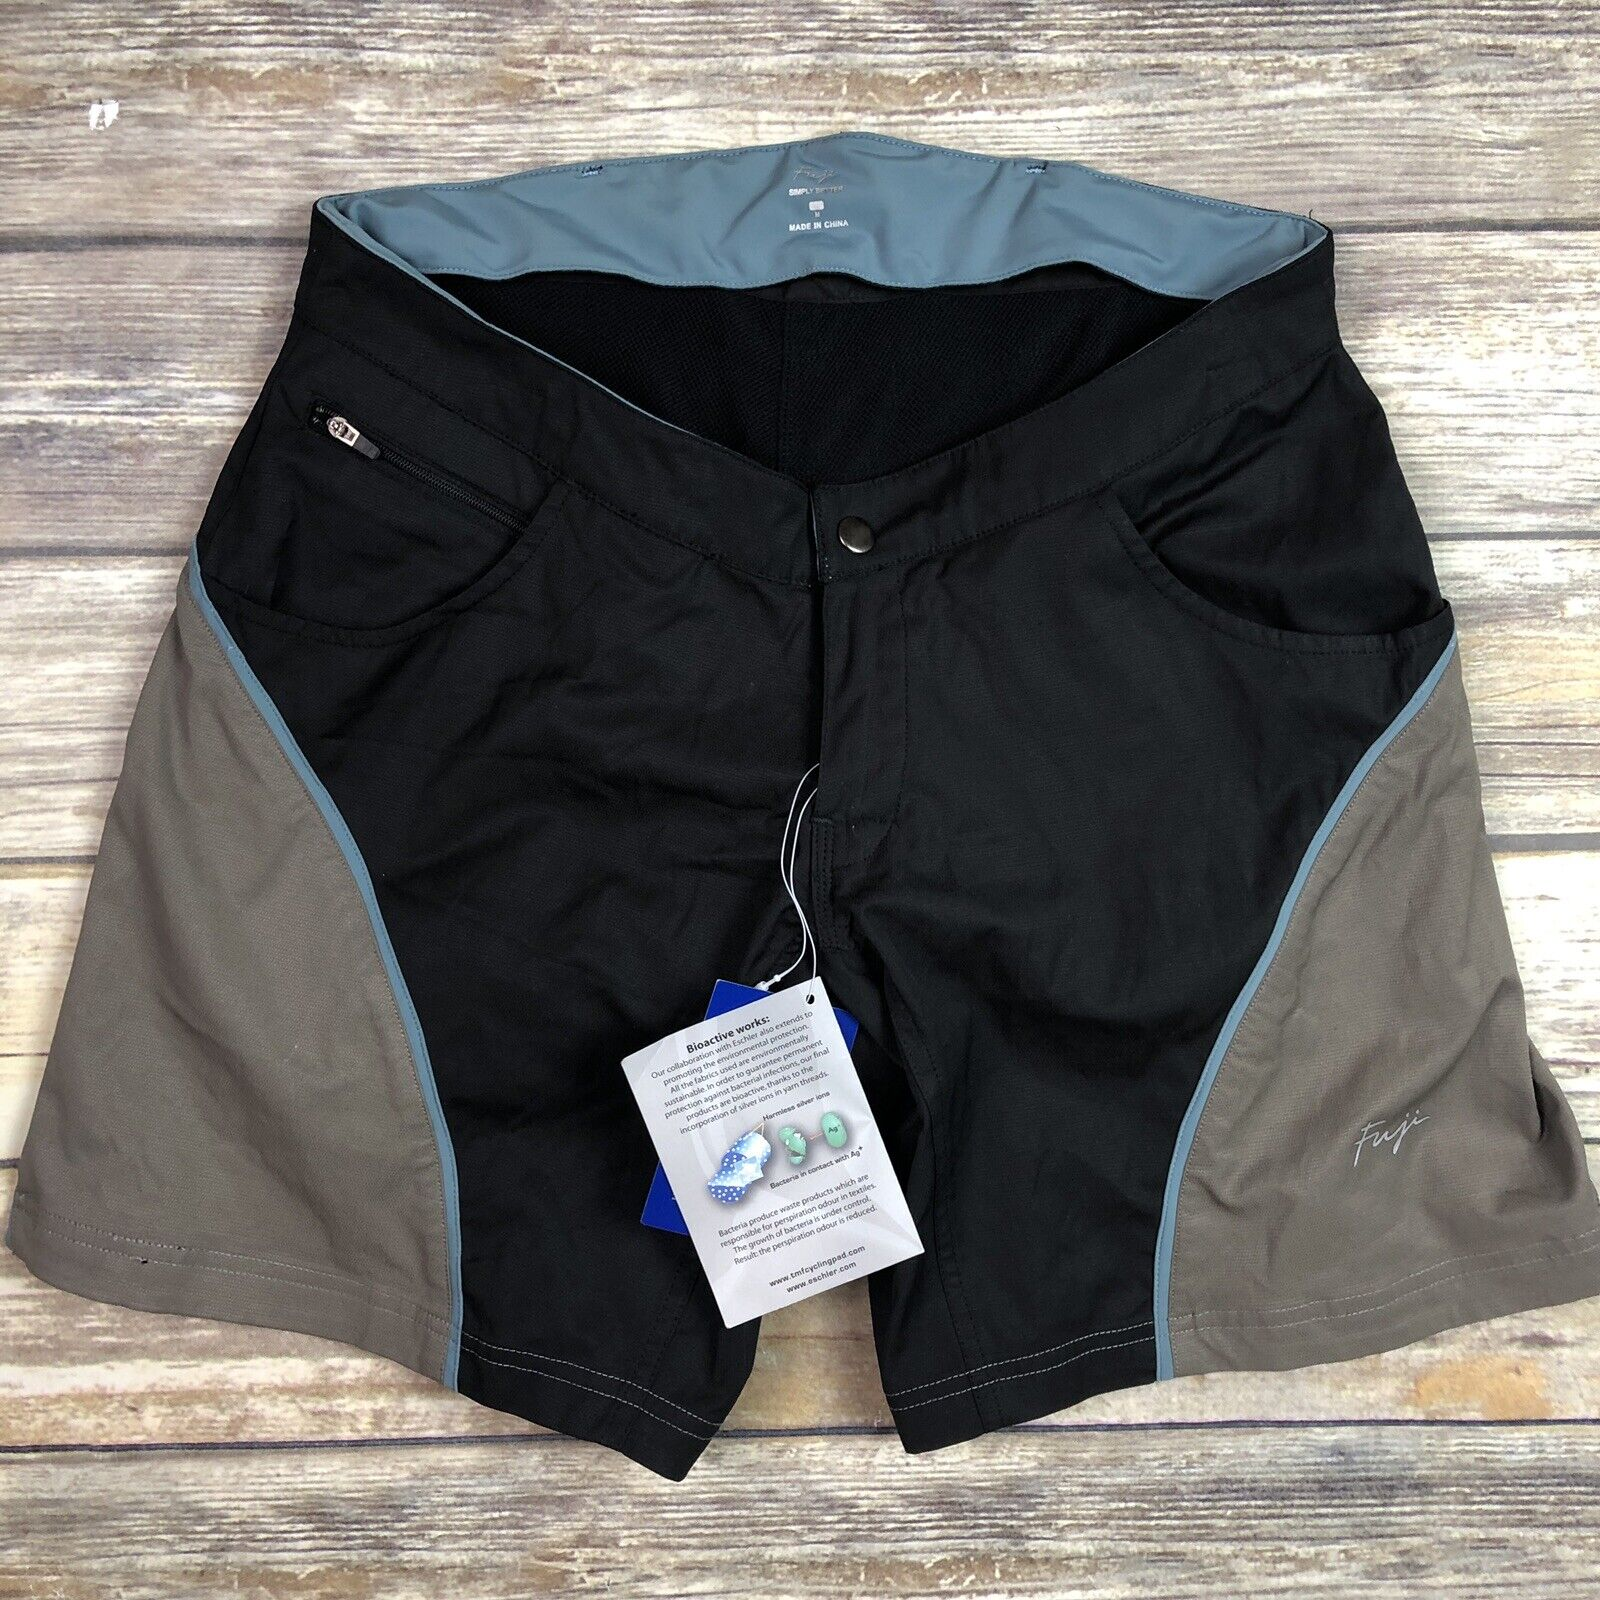 Fuji mejor  medio para mujer gris negro Simply Acolchado cyclingmountain Culotte  diseñador en linea